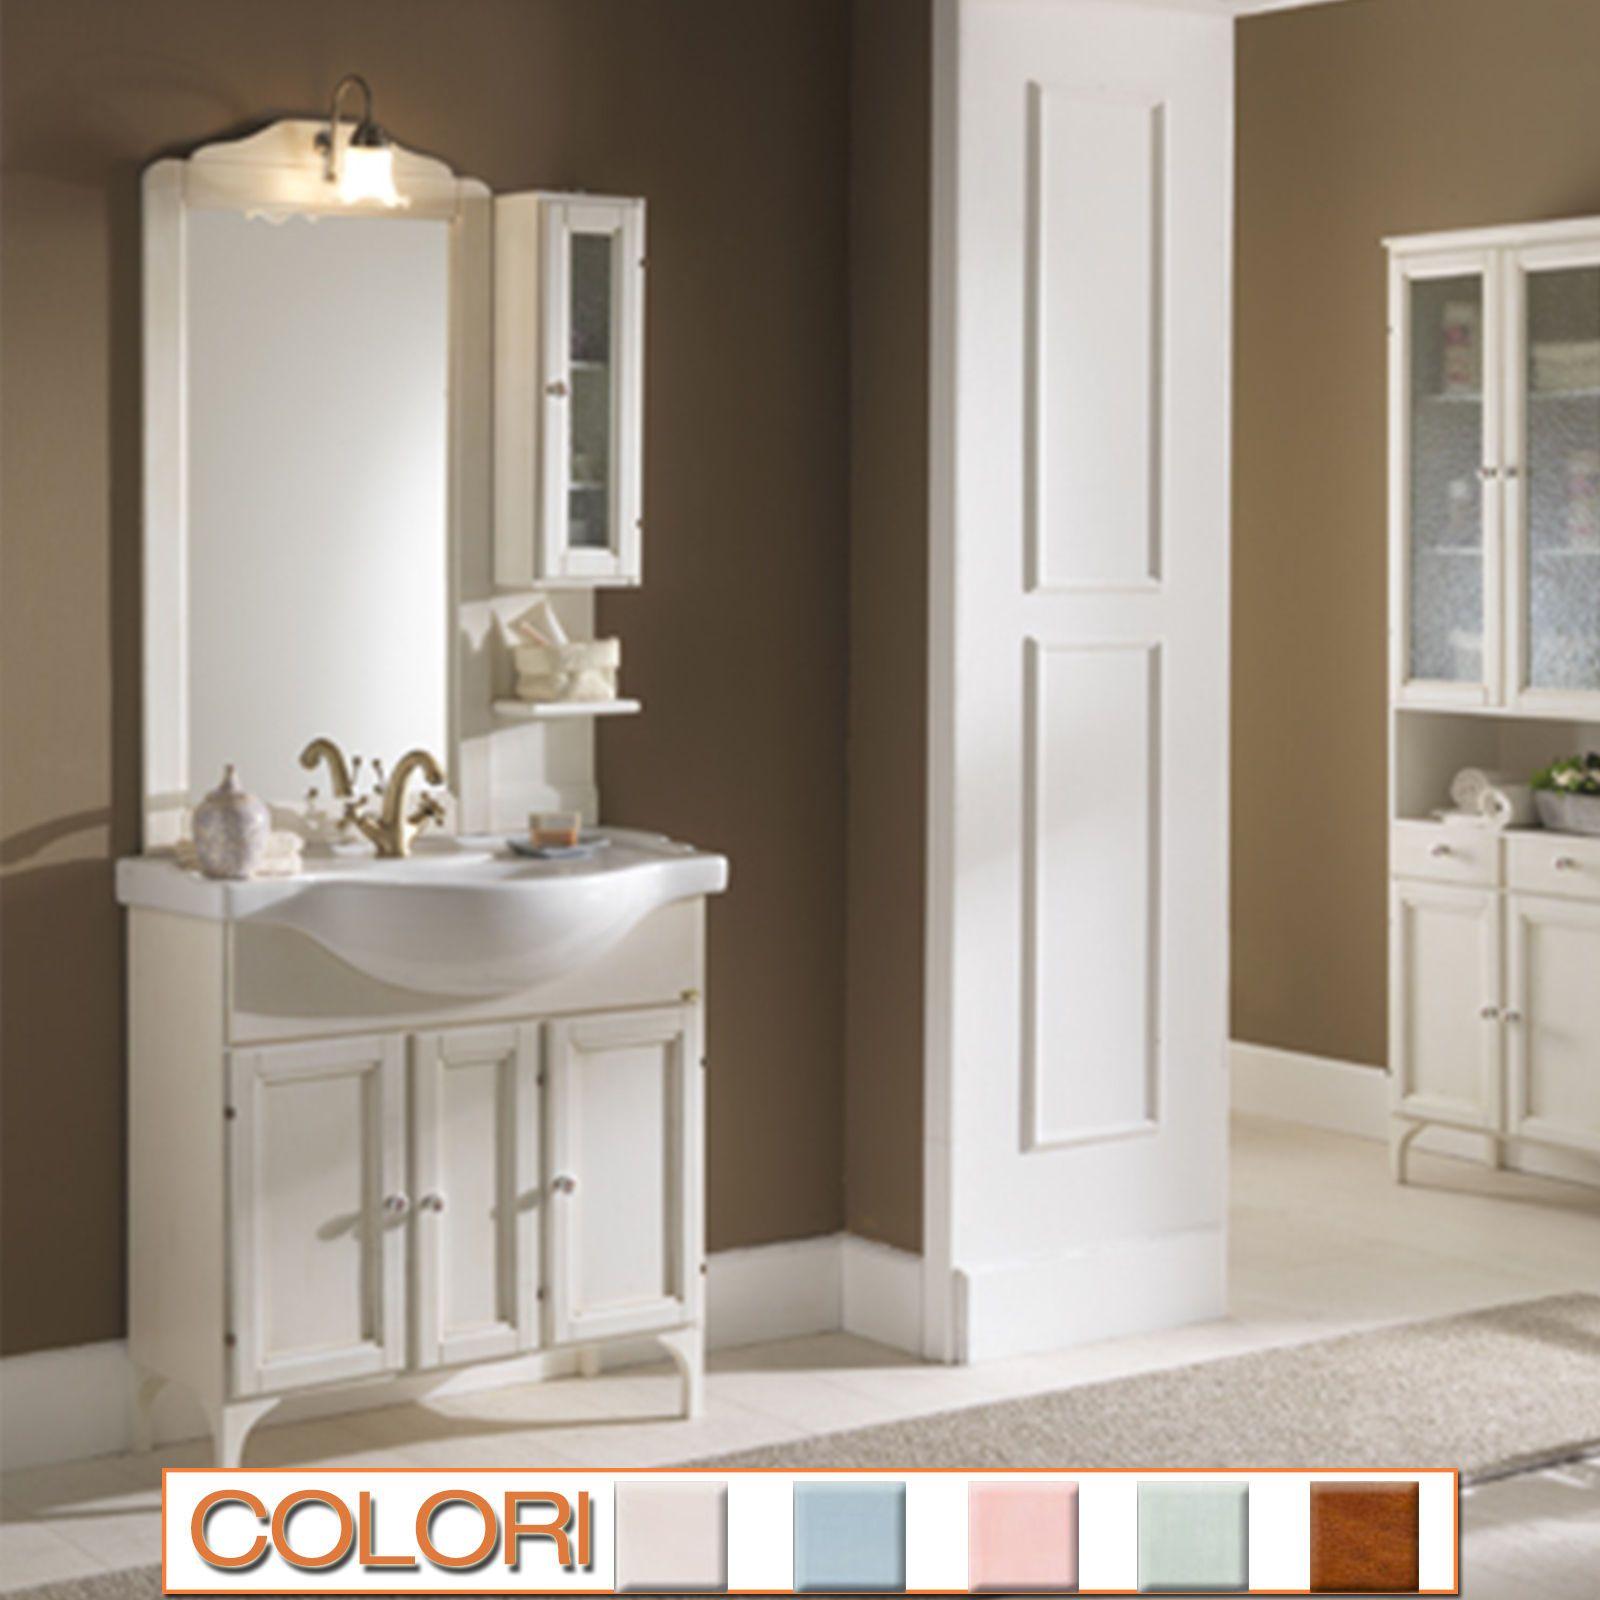 Bagno in muratura classico affordable arredo bagno classico vendita online with bagno in - Mobile bagno classico bianco ...